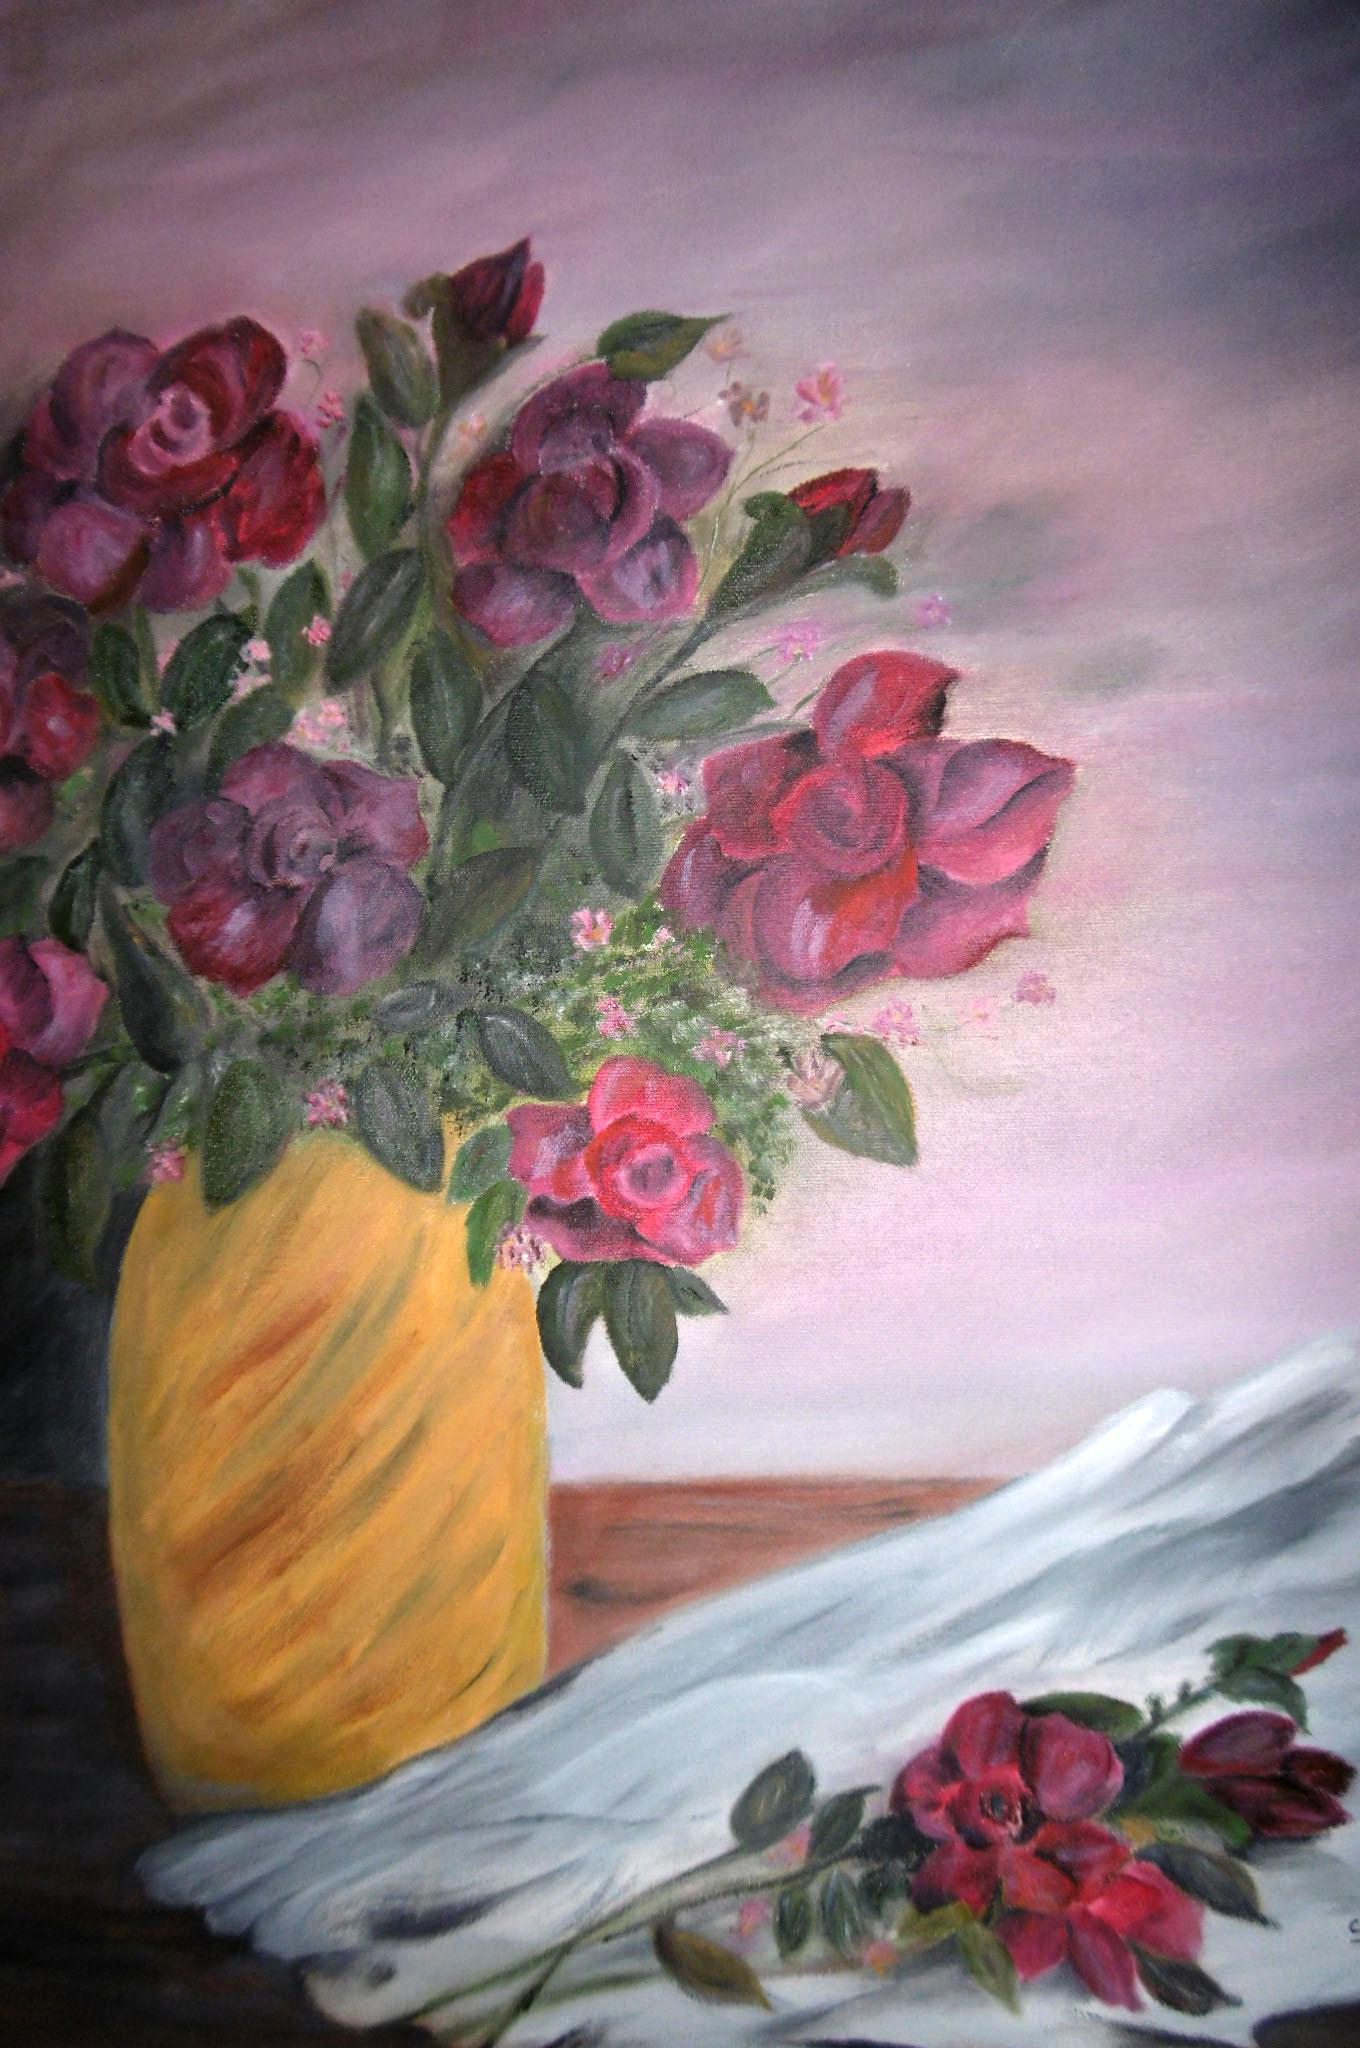 Sweetheart's Bouquet, Sarah Flinn